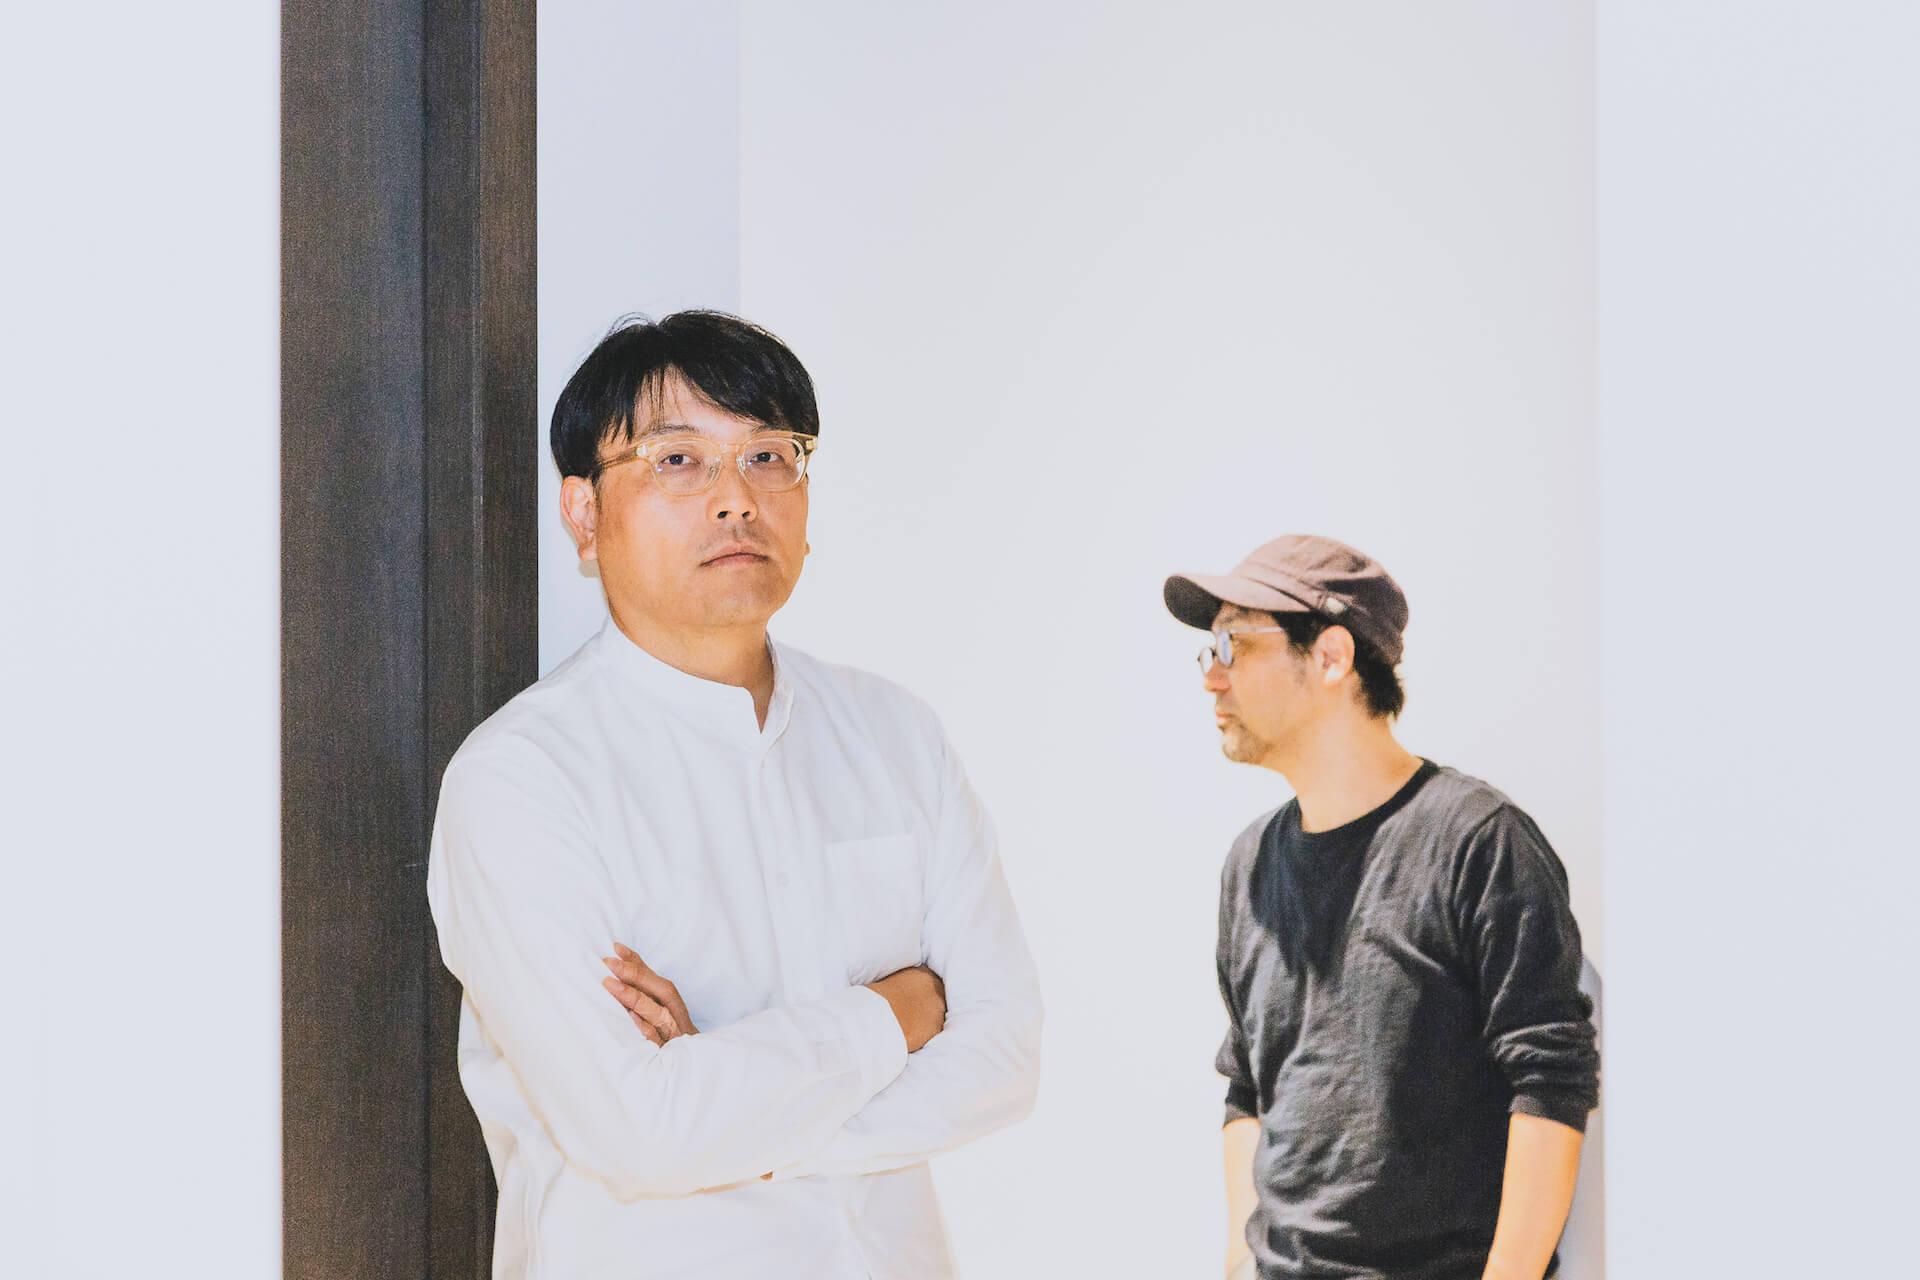 KIRINJI堀込と千ヶ崎が探る、現代に響く音とは? interview-kirinji-6